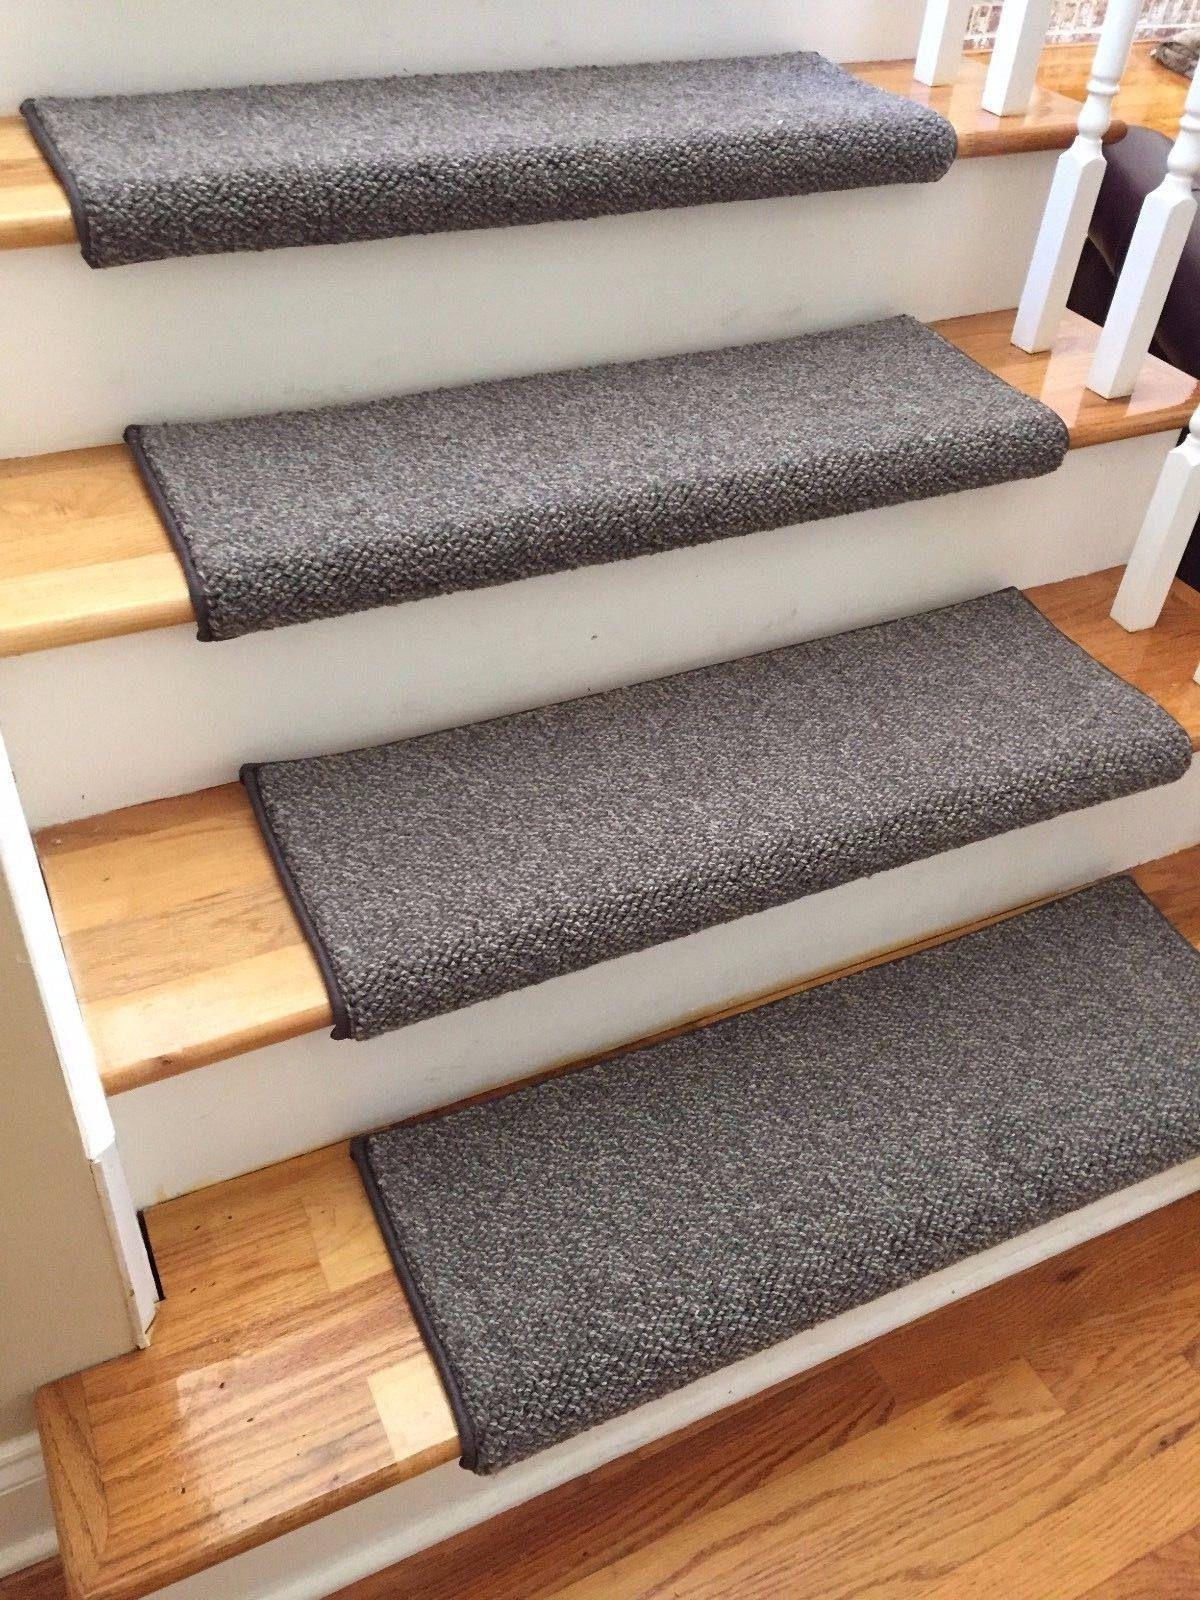 Tweed Grnt Drkbrwn Ecco Tex Blend New Zealand Wool True Bullnose Carpet Stair Tread Runner Replacement Fo Carpet Stair Treads Stair Runner Carpet Stair Treads